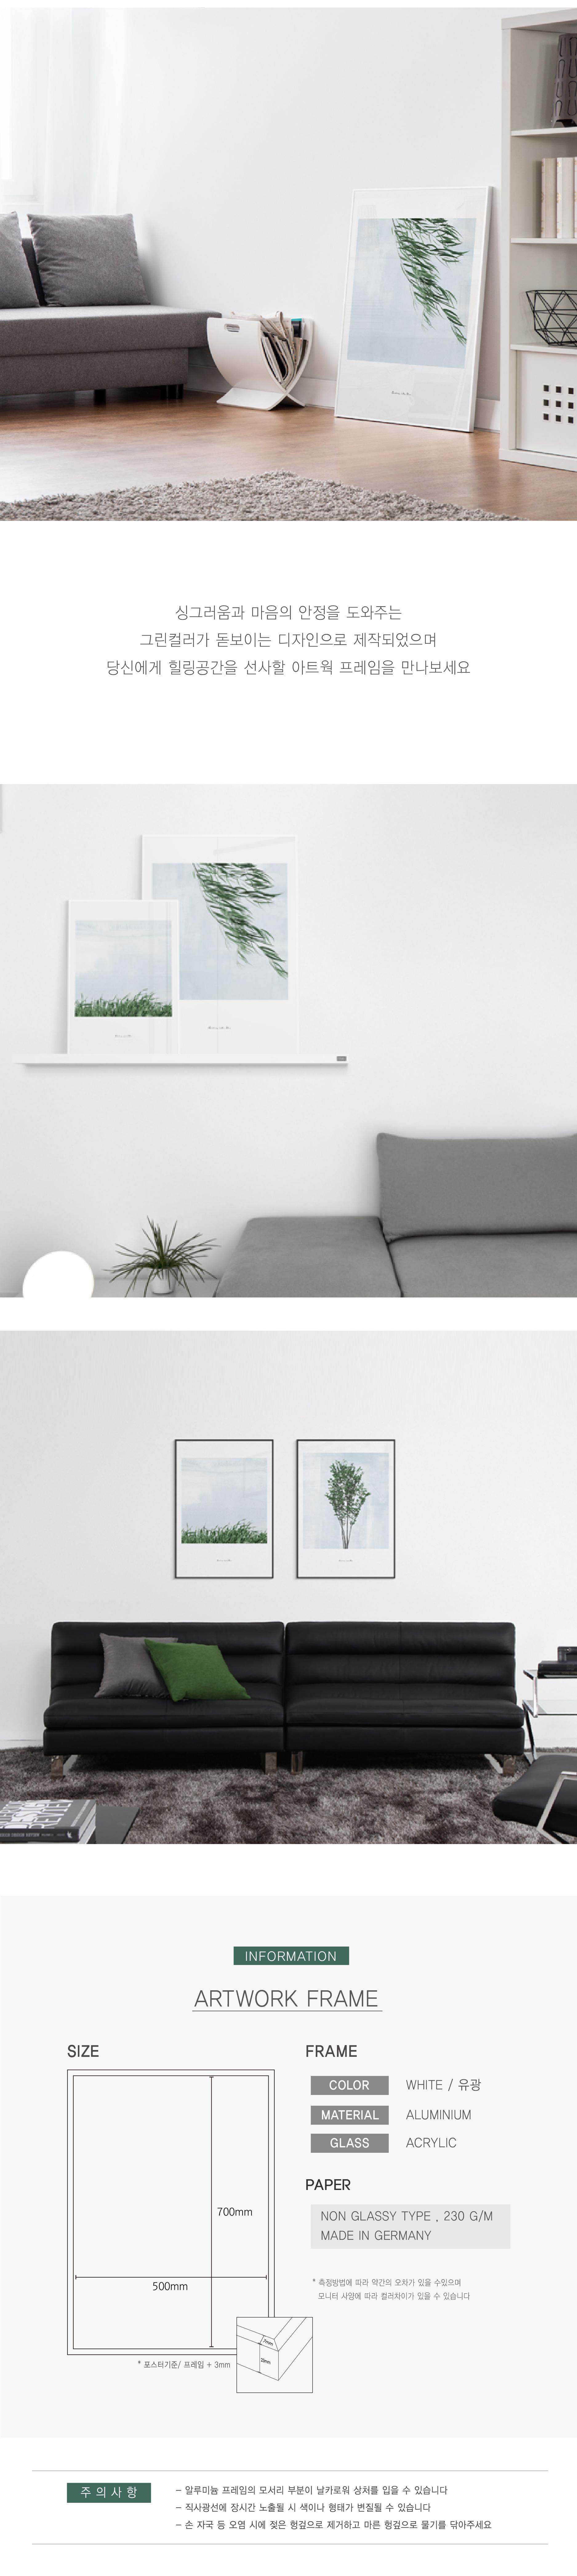 frame%20009_2.jpg